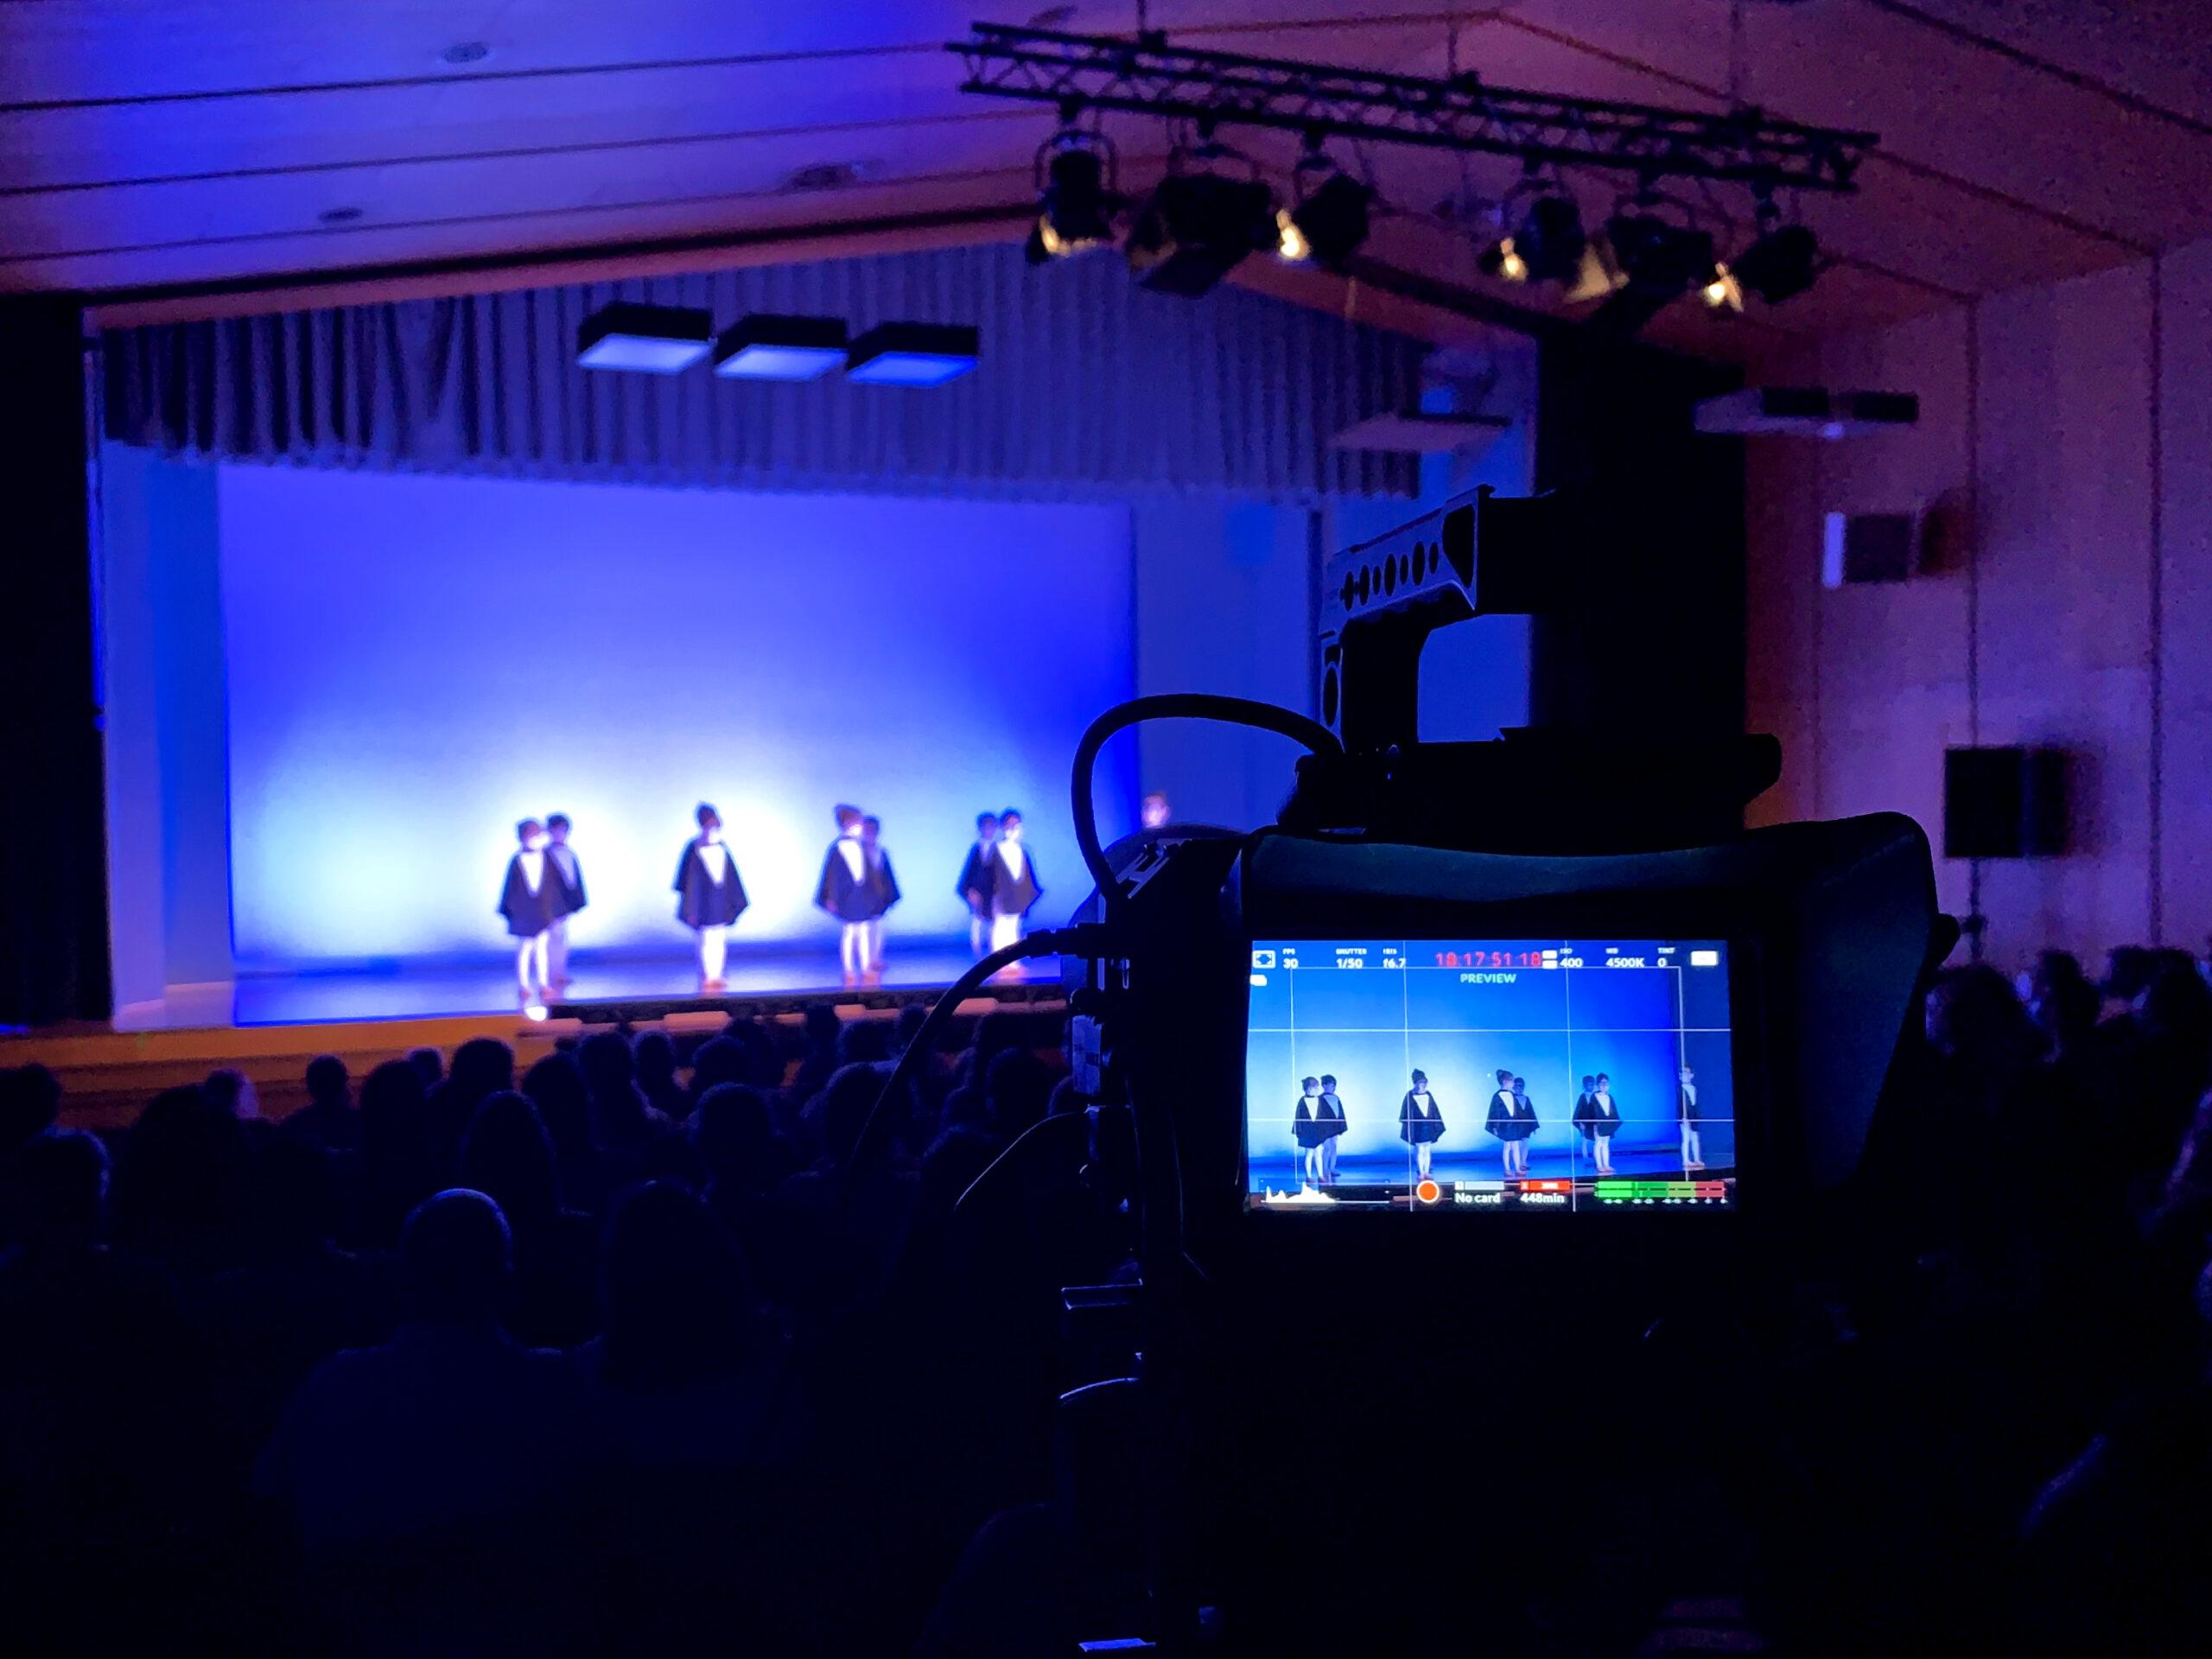 Ballettaufführung mit Kindern auf Bühne, die Bühne ist blau-weiss eingefärbt